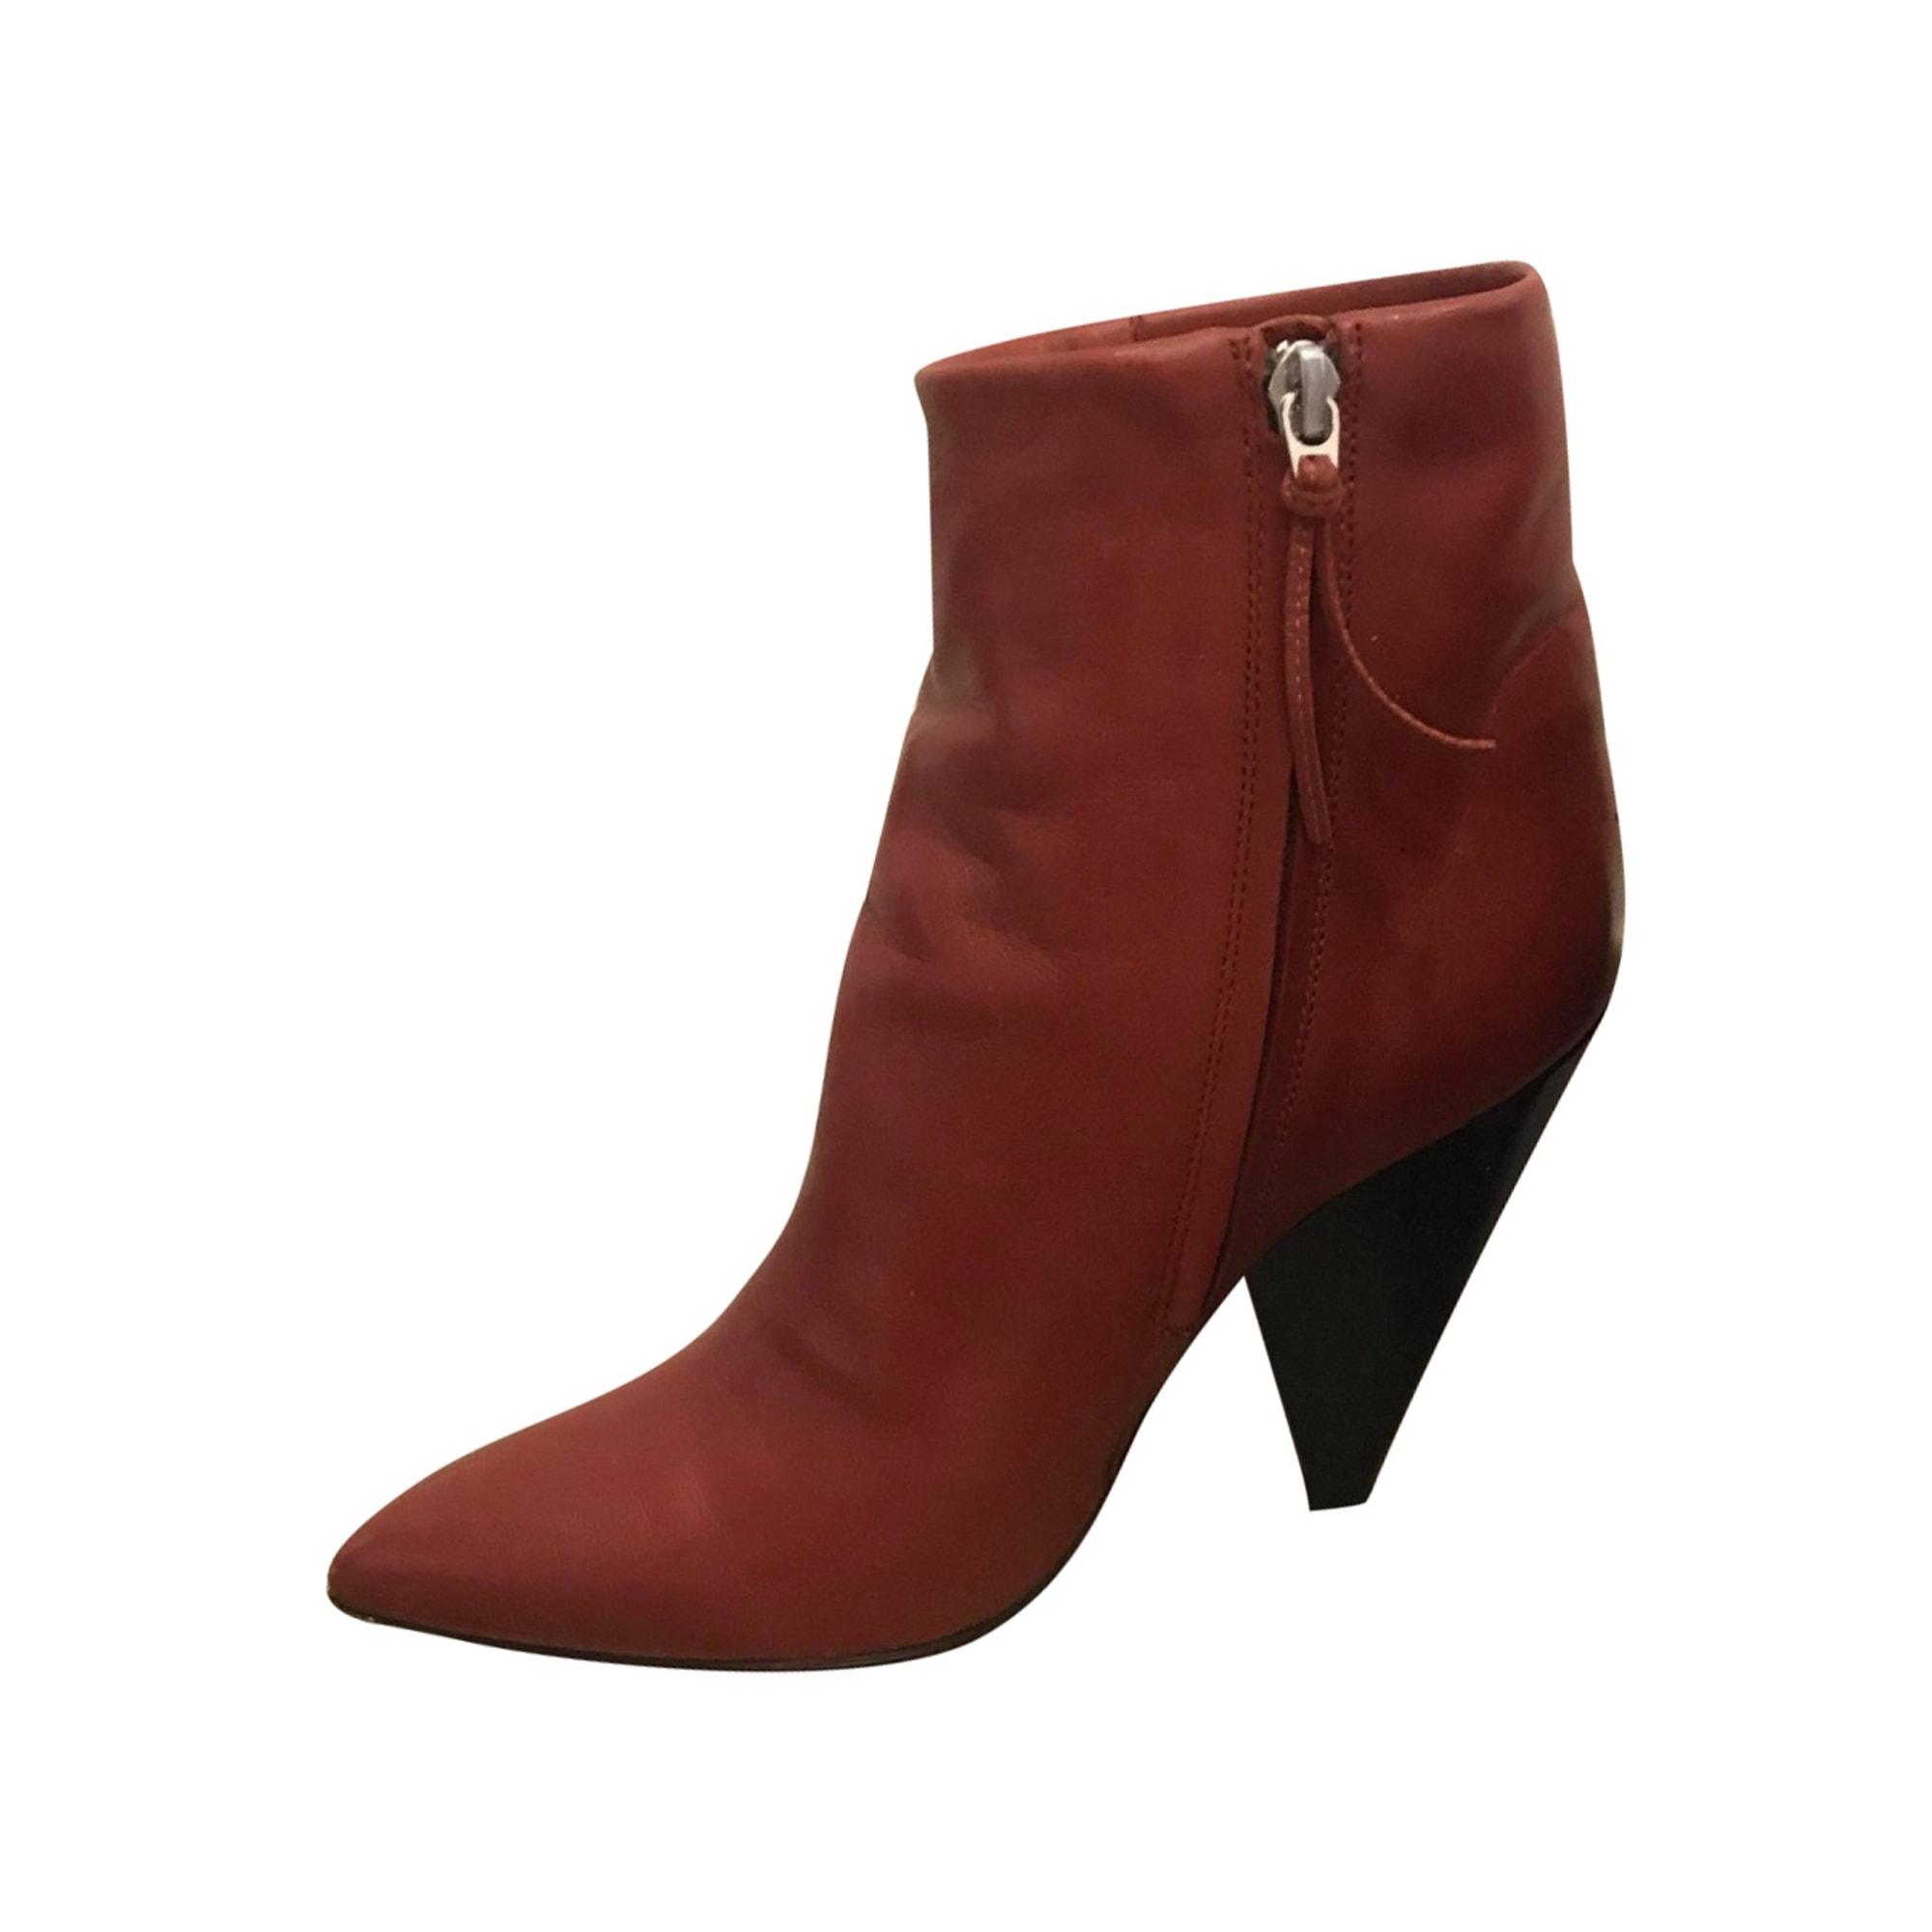 Bottines & low boots à talons ISABEL MARANT Rouge, bordeaux